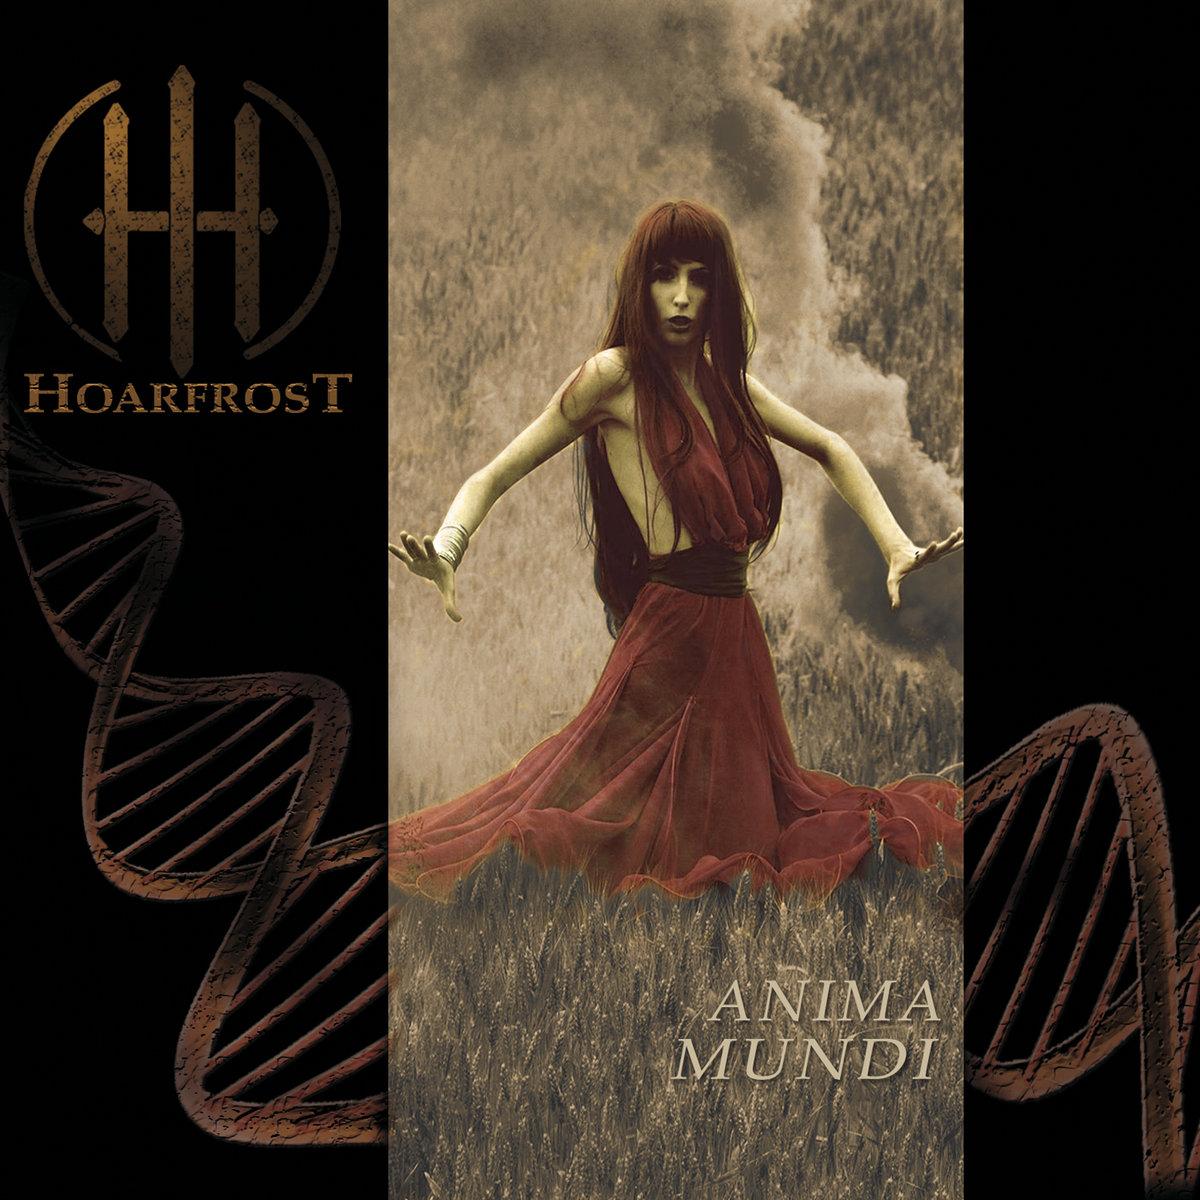 Hoarfrost: Anima Mundi 【予約受付中】